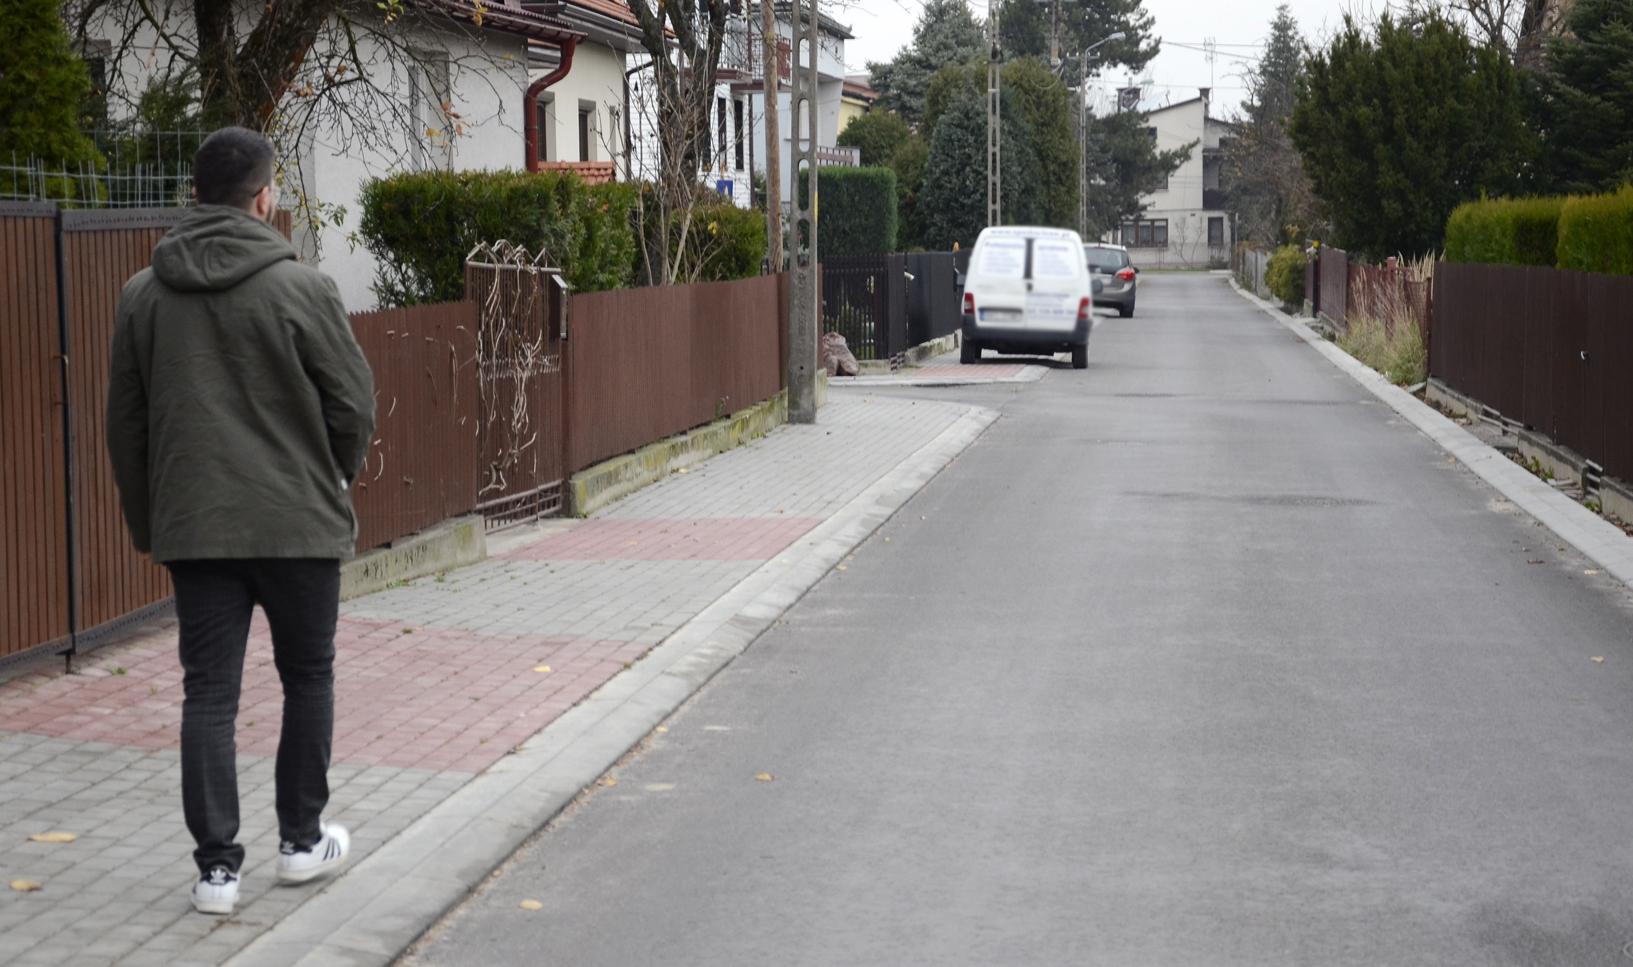 Mieszkańcy trzech ulic złożyli skargę na burmistrza Kolbuszowej i urząd  - Zdjęcie główne